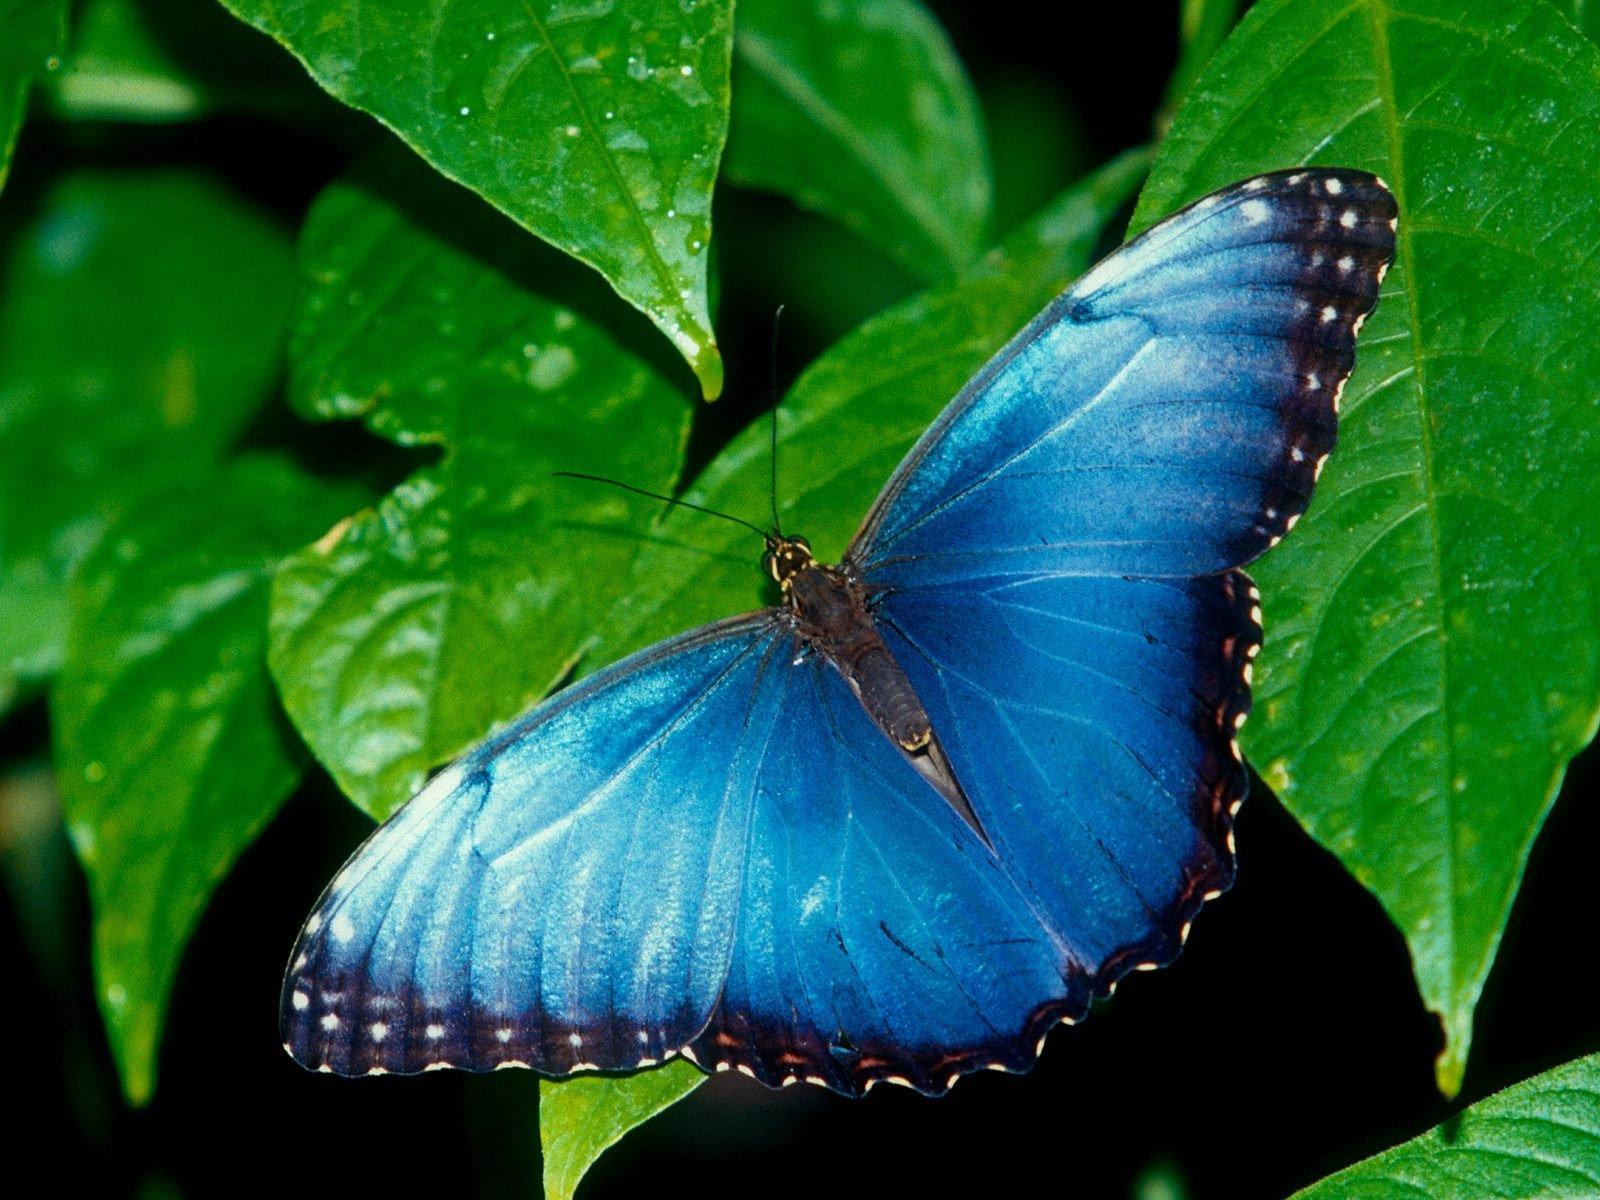 desktop wallpaper hd butterfly wallpaper hd butterfly image hd 1600x1200